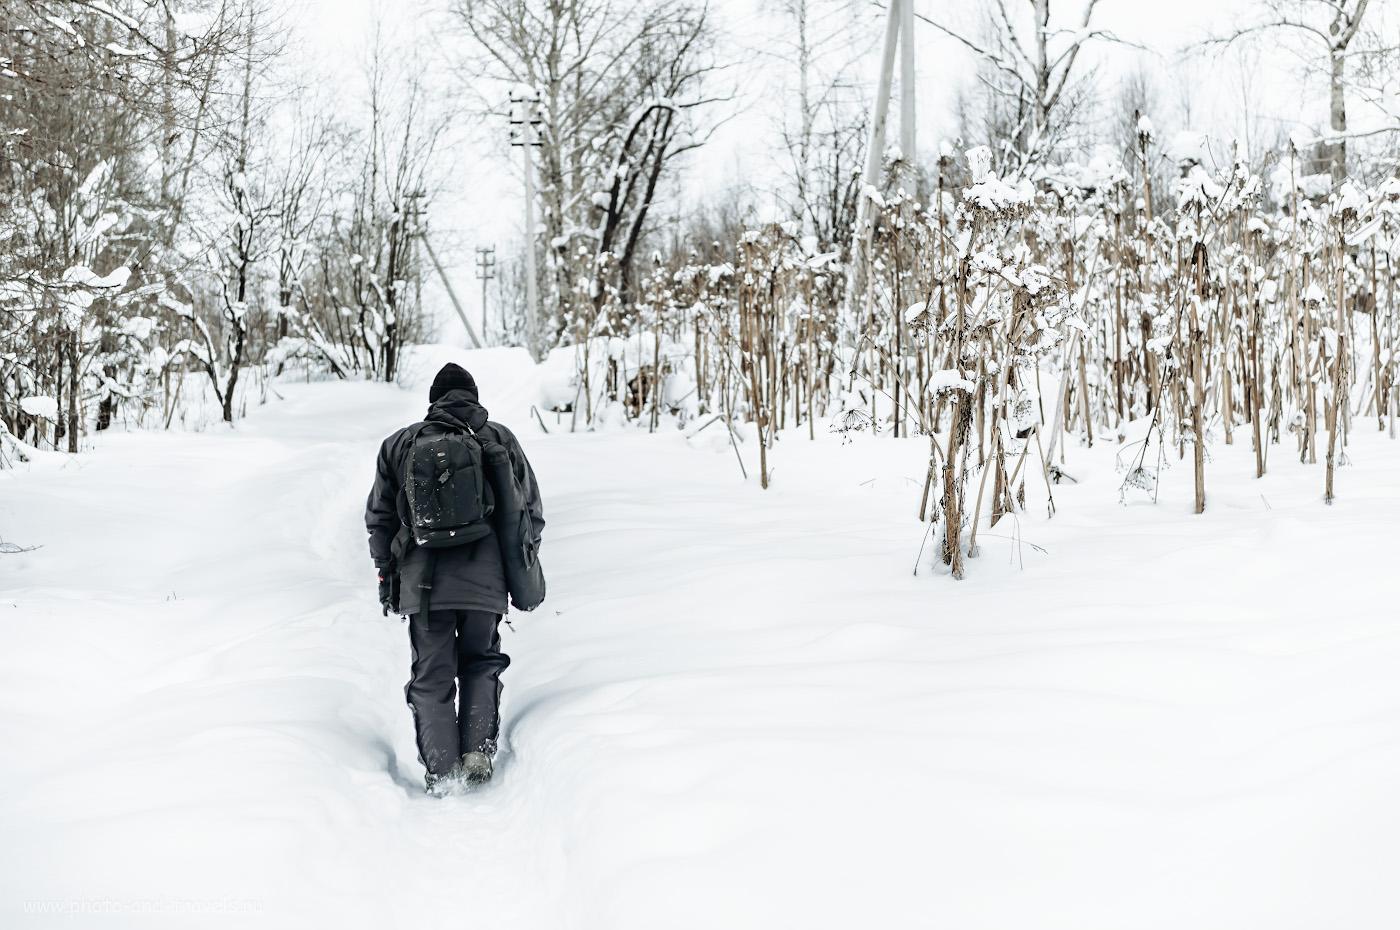 Фото 7. Исследуя ландшафт Старой Губахи в Пермском крае. 1/640, 2.8, 200, +0.67, 70.